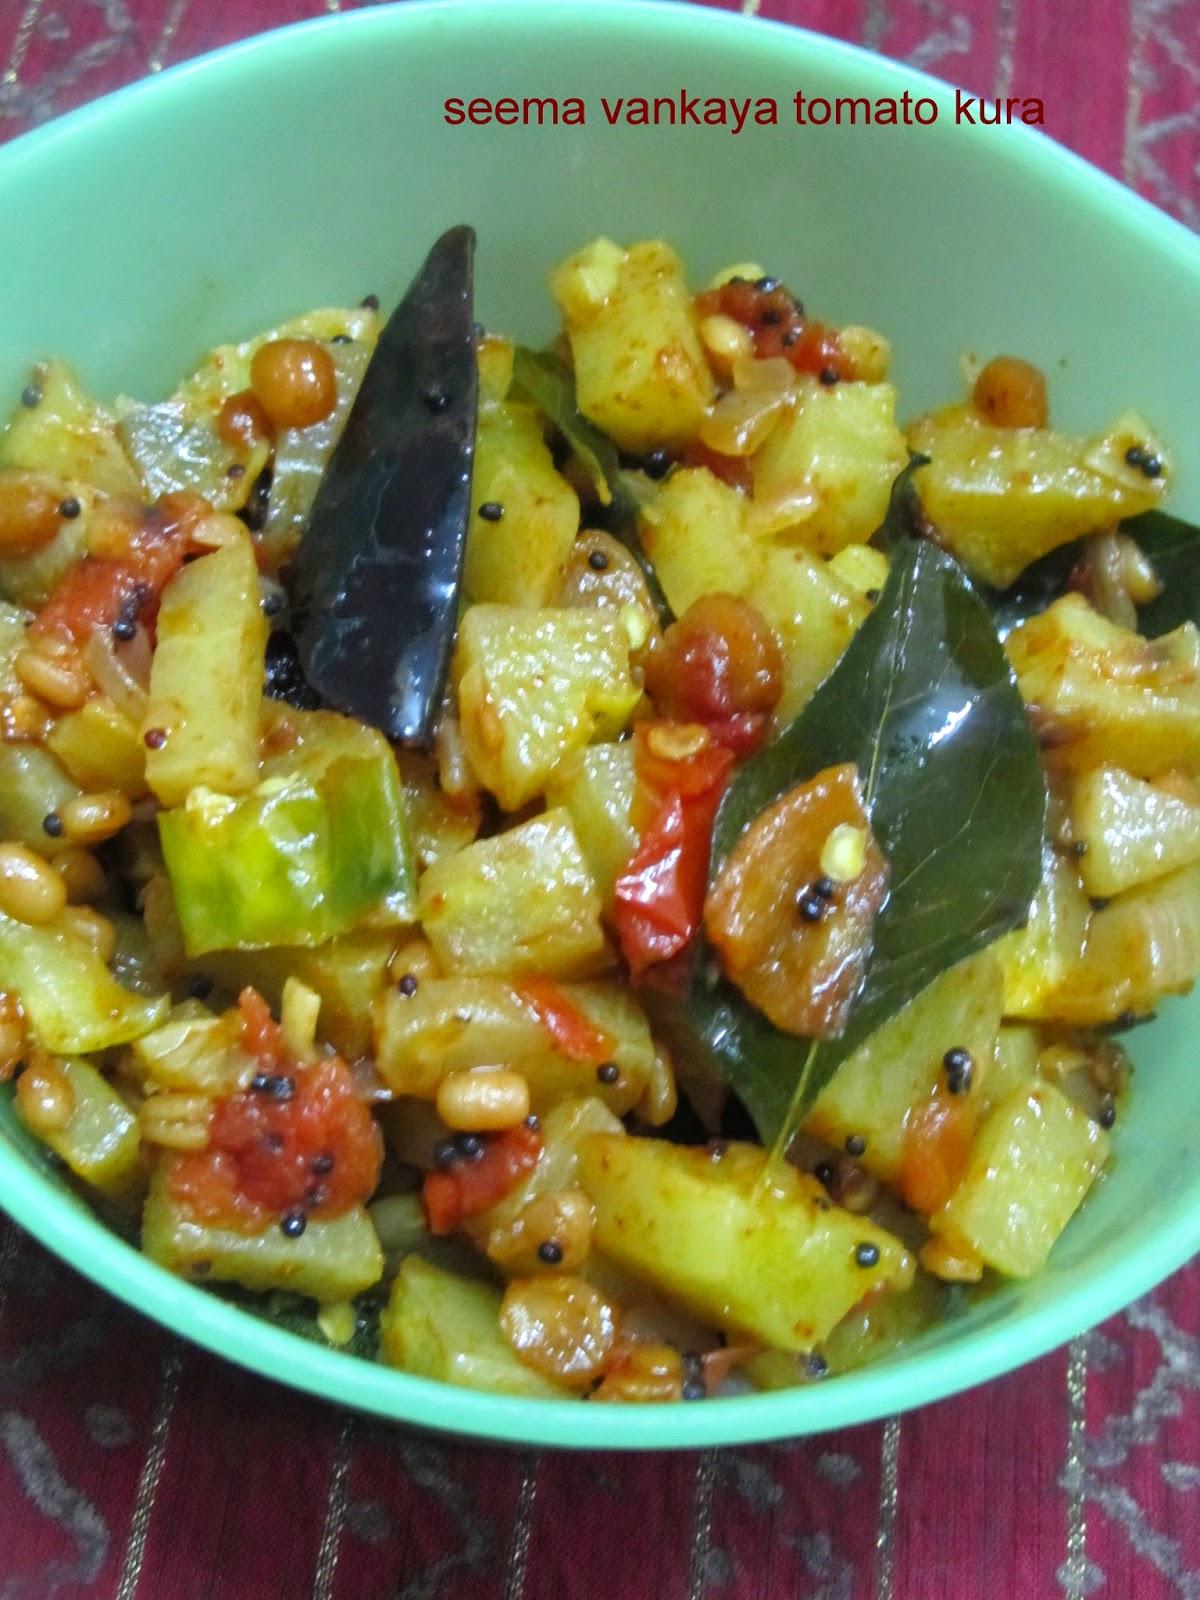 seema vankaya tomato kura